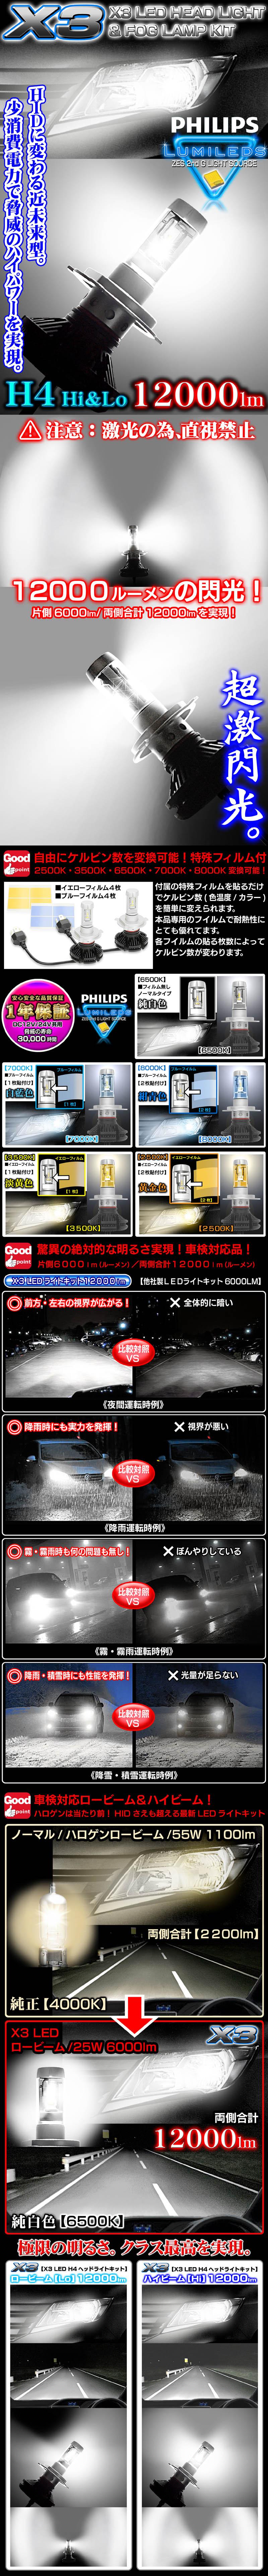 《車検対応 》X3 12000LMフィリップス製LEDヘッドライトキット【H4 Hi/Lo切換式】25W/6500K 2個セット